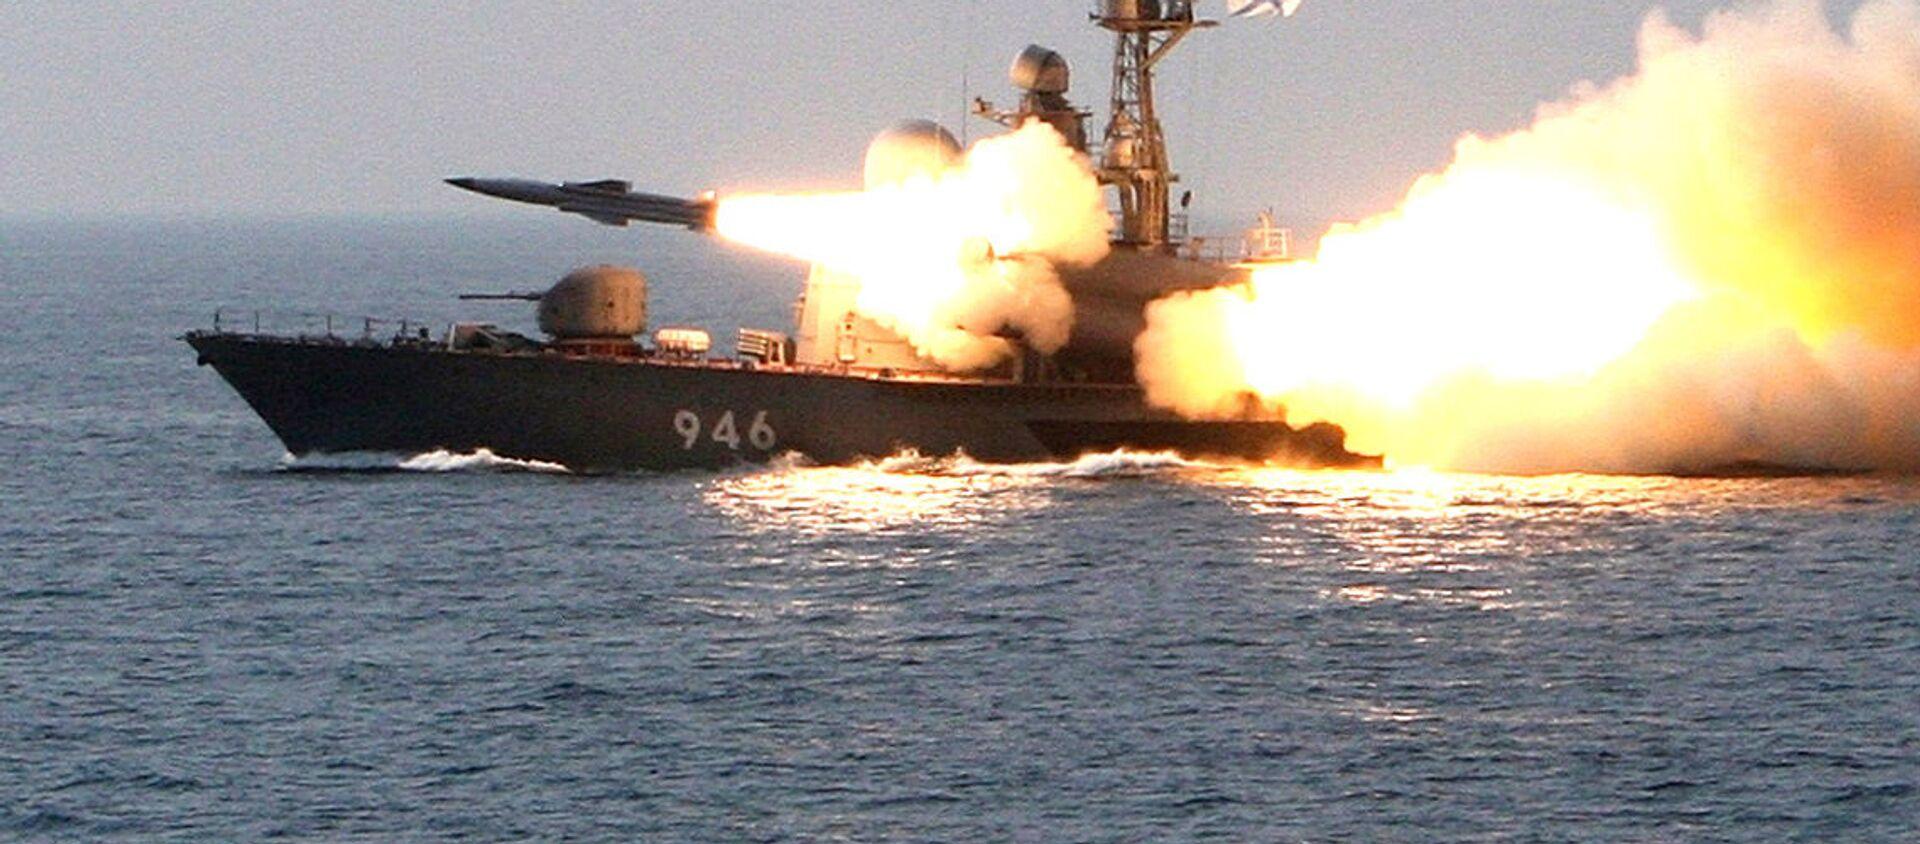 Phóng tên lửa chống hạm siêu thanh từ tàu tên lửa. - Sputnik Việt Nam, 1920, 23.06.2021